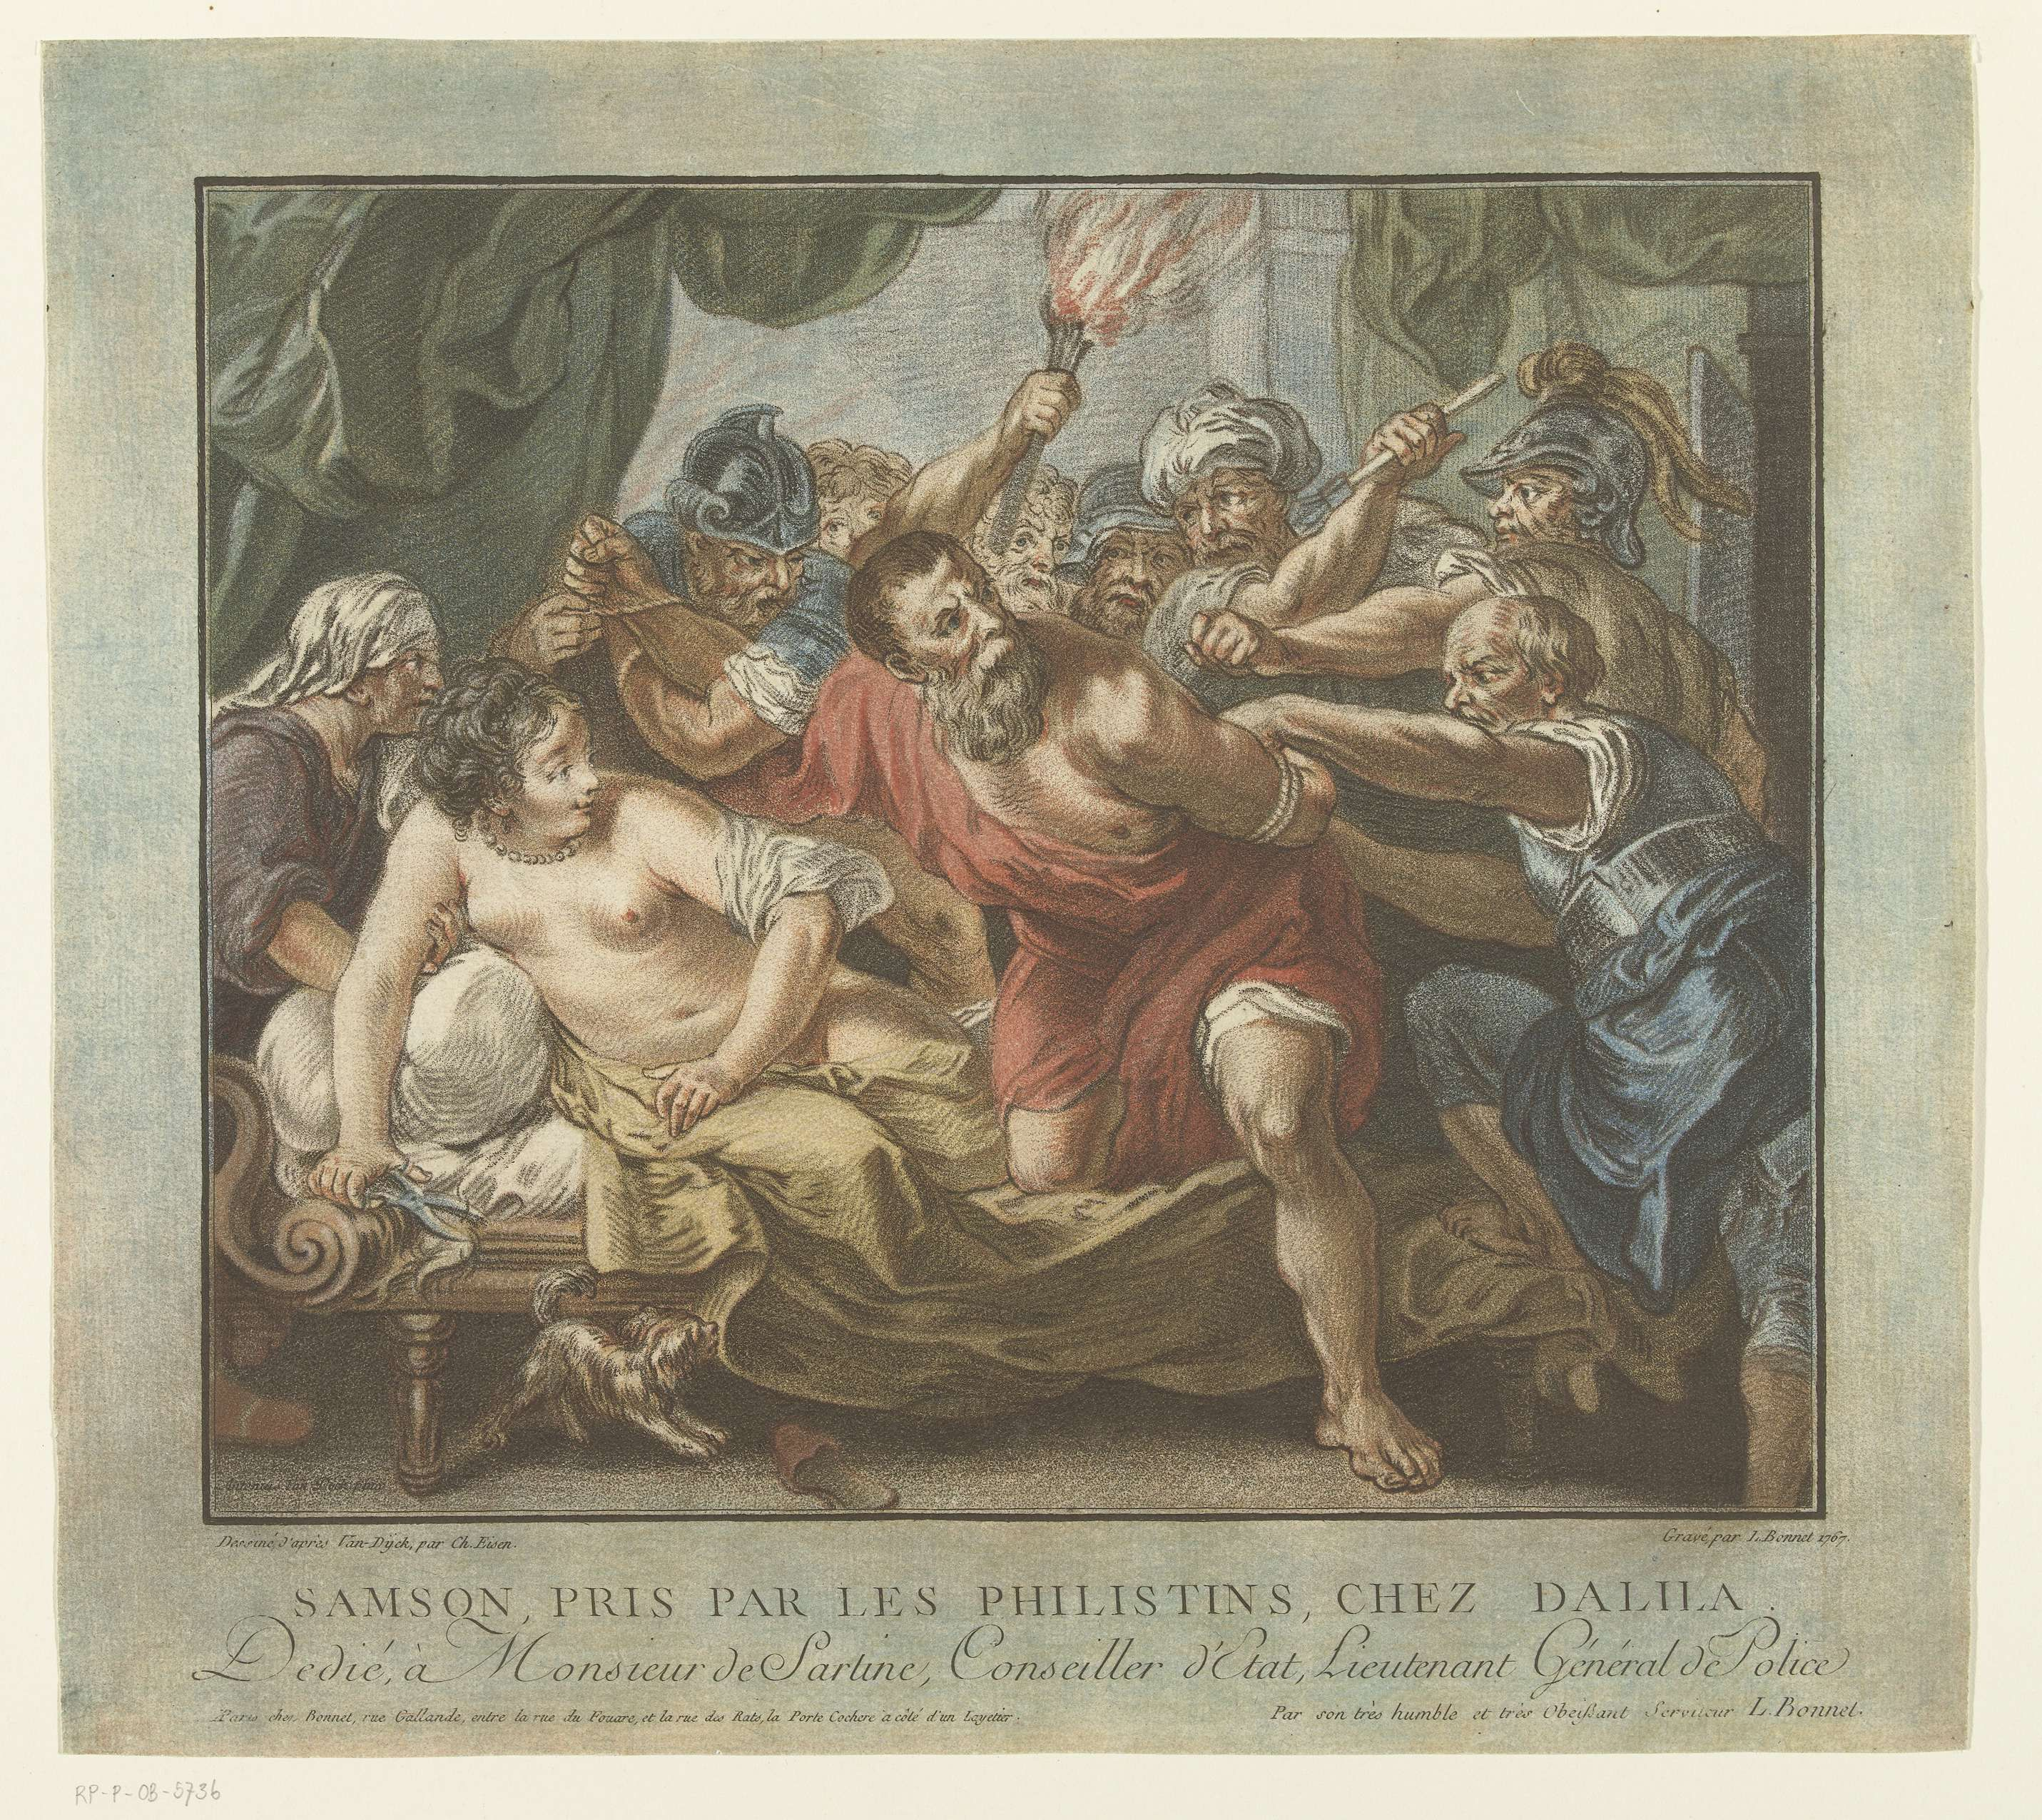 Louis Marin Bonnet | Simson en Delila, Louis Marin Bonnet, 1767 - 1768 | Simson wordt gevangen genomen door een groep Filistijnen. Delila met ontbloot bovenlichaam, zit op haar bed, met de schaar en een pluk haar in haar rechterhand.